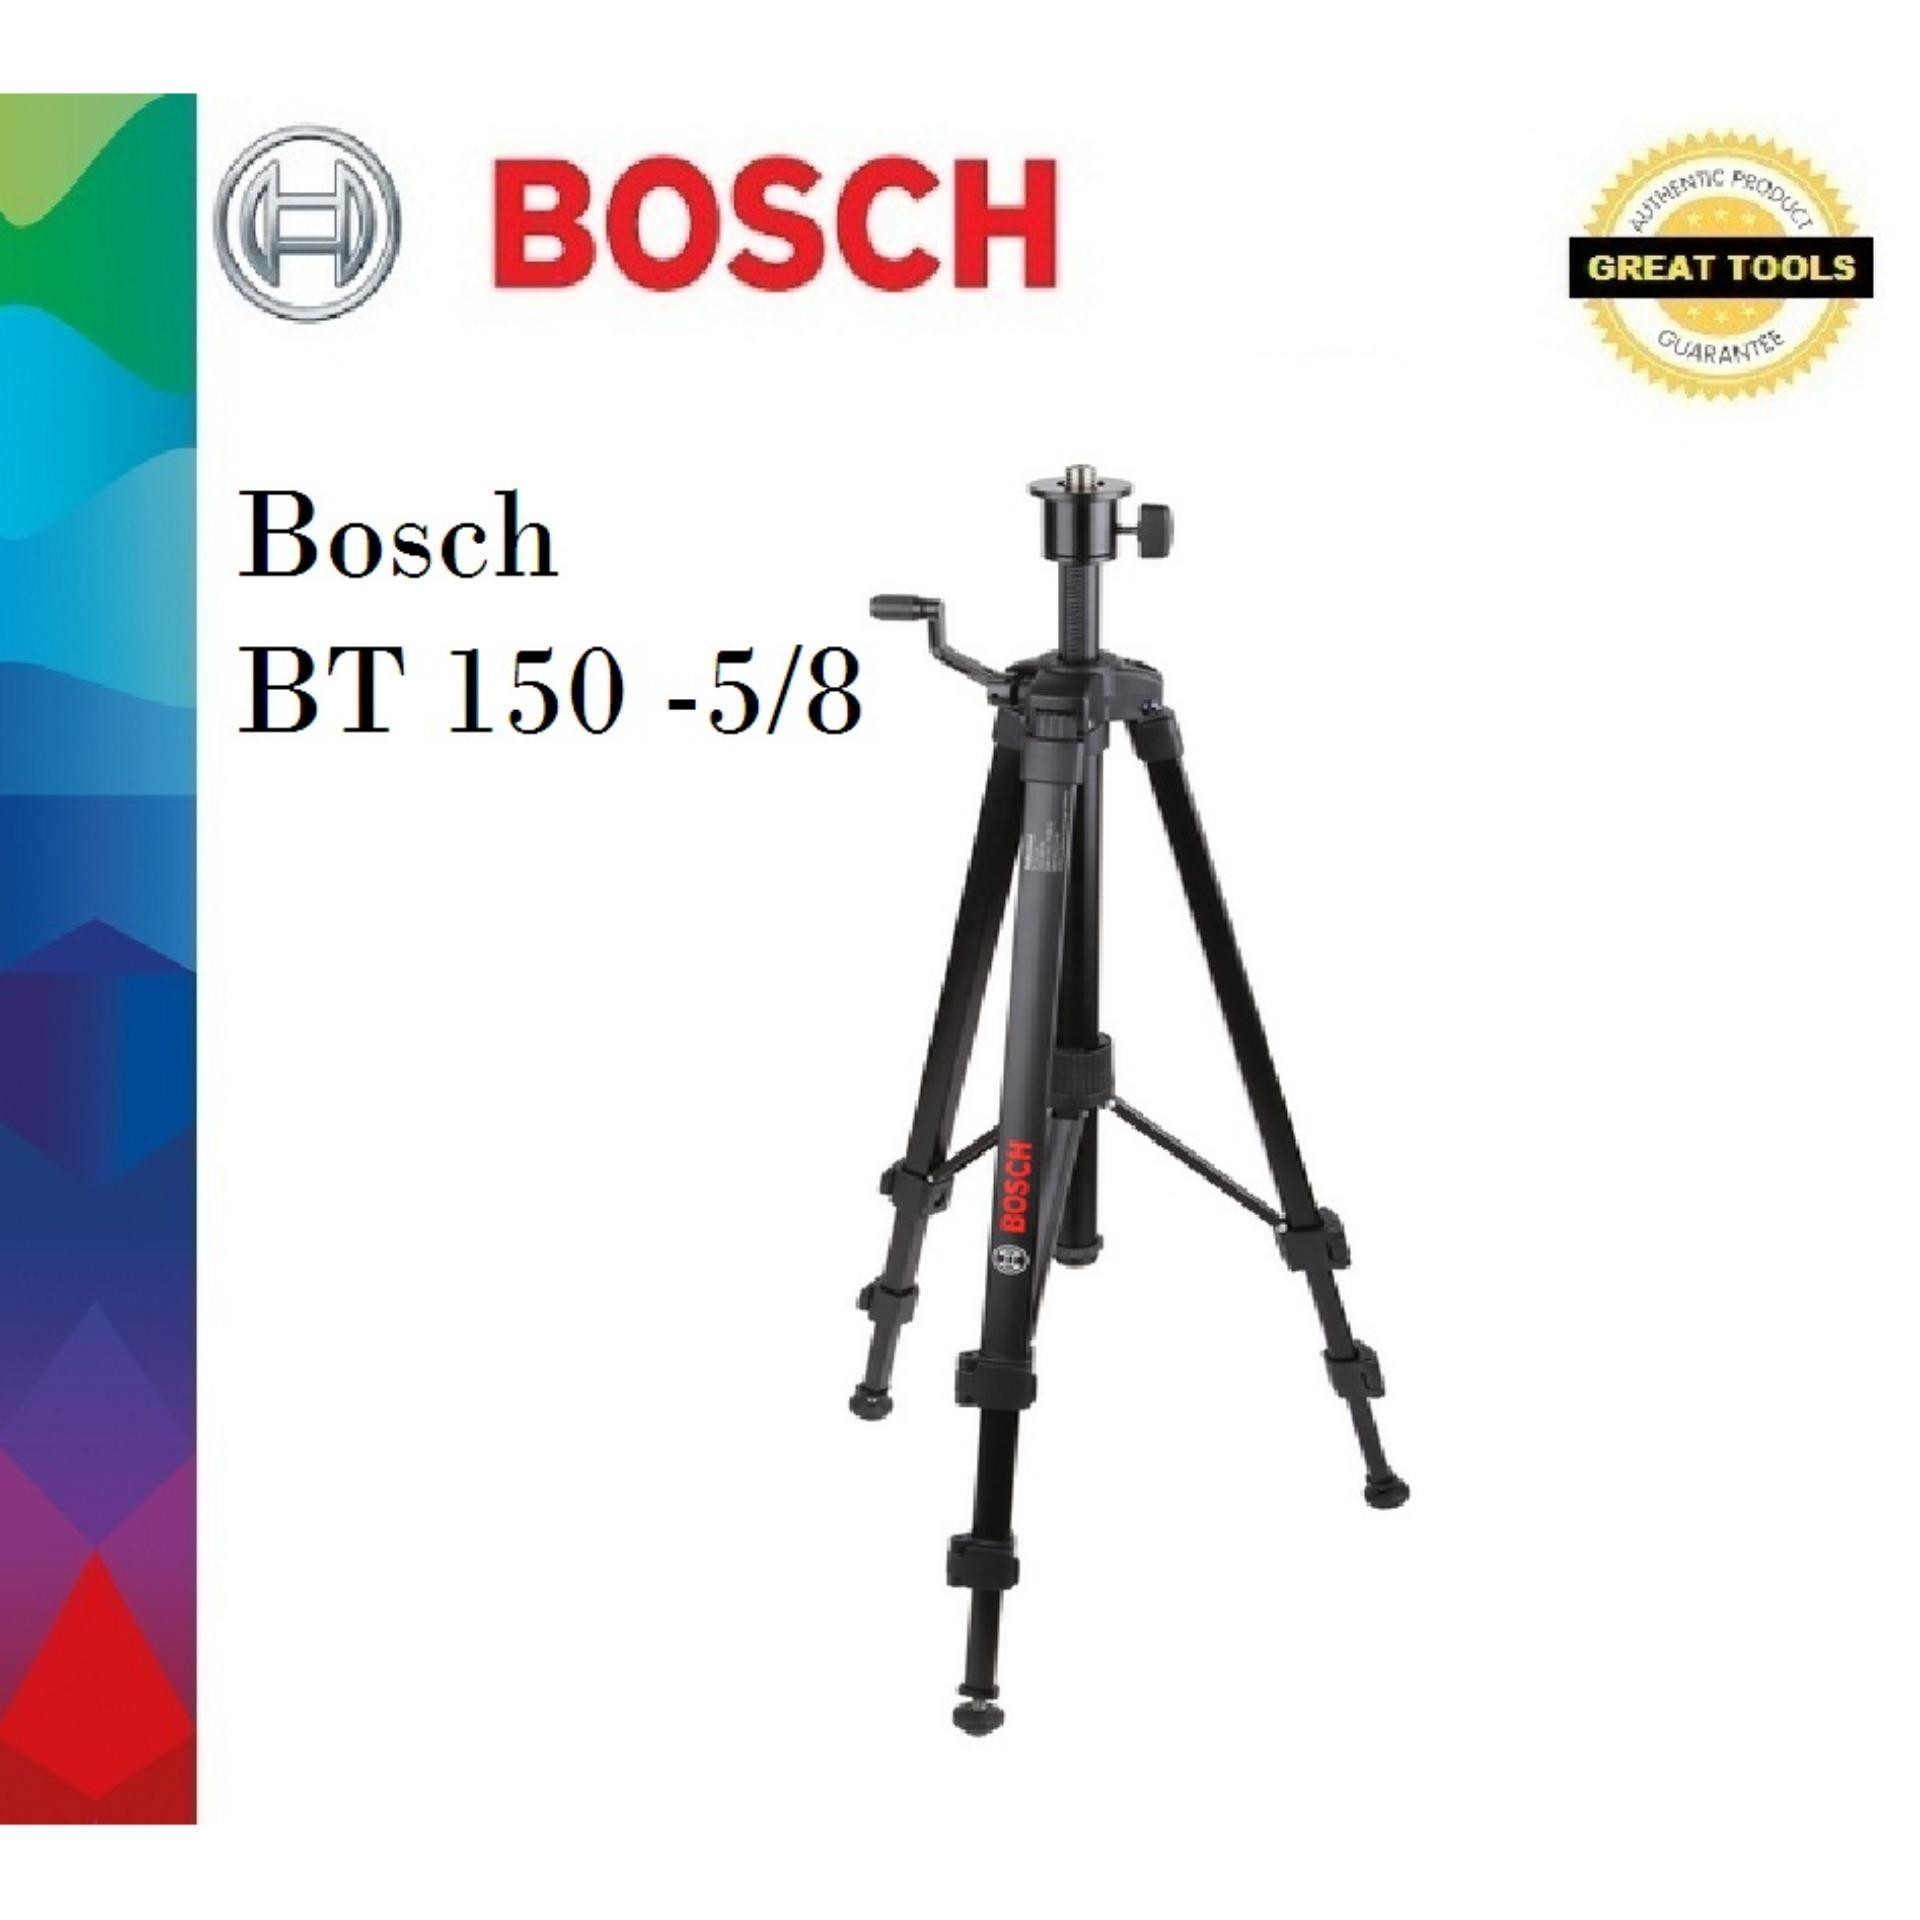 Giá đỡ ba chân xây dựng Bosch BT 150 ( Dùng cho máy cân bằng)